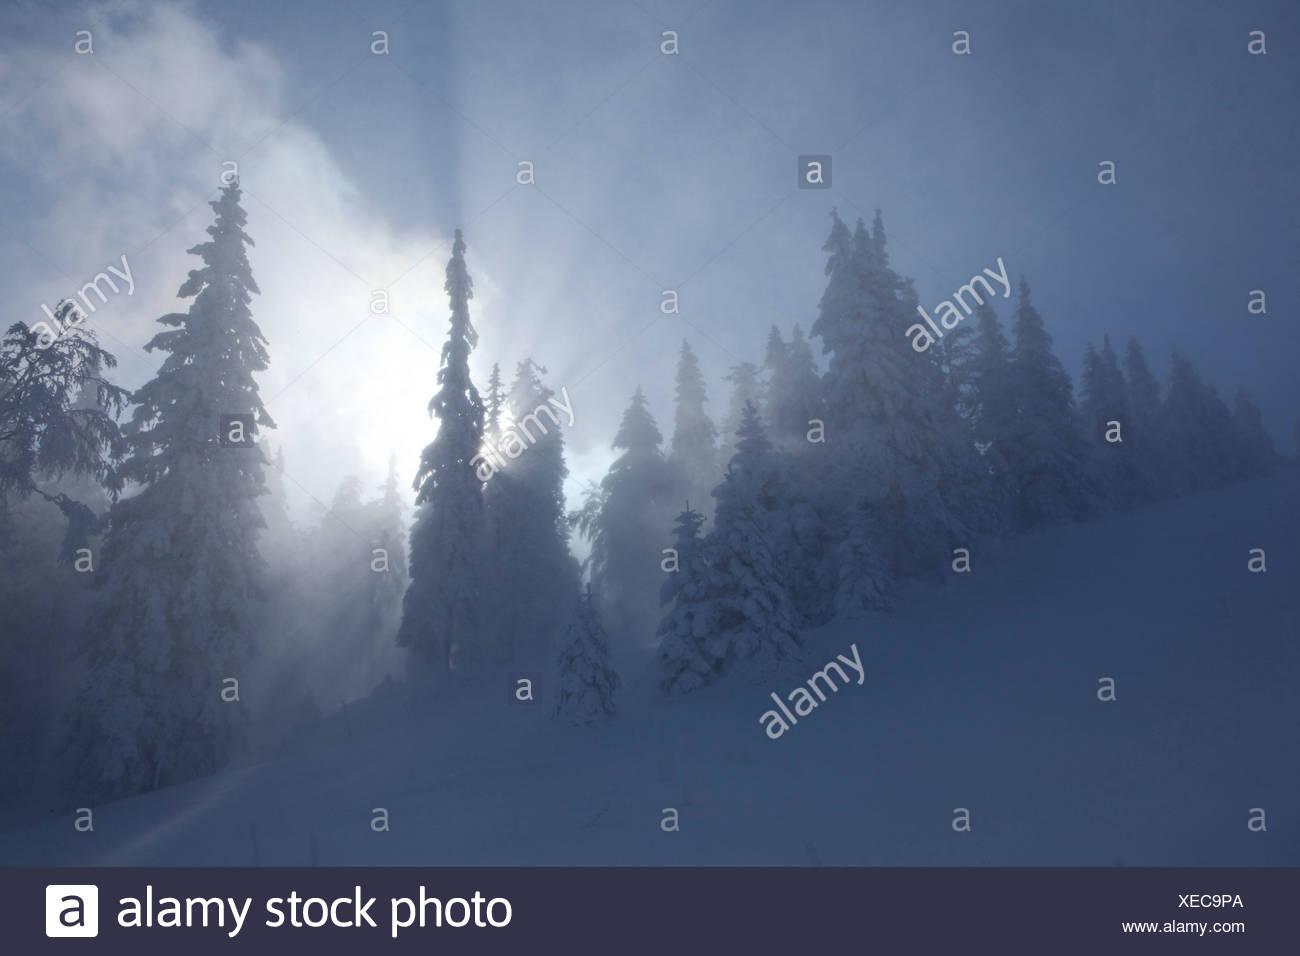 Arbres d'hiver, hiver, canton, VD, Vaud, neige, arbre, arbres, bois, la forêt, la neige, les sapins, la Suisse, l'Europe, soleil, Col du Mollendruz du Photo Stock